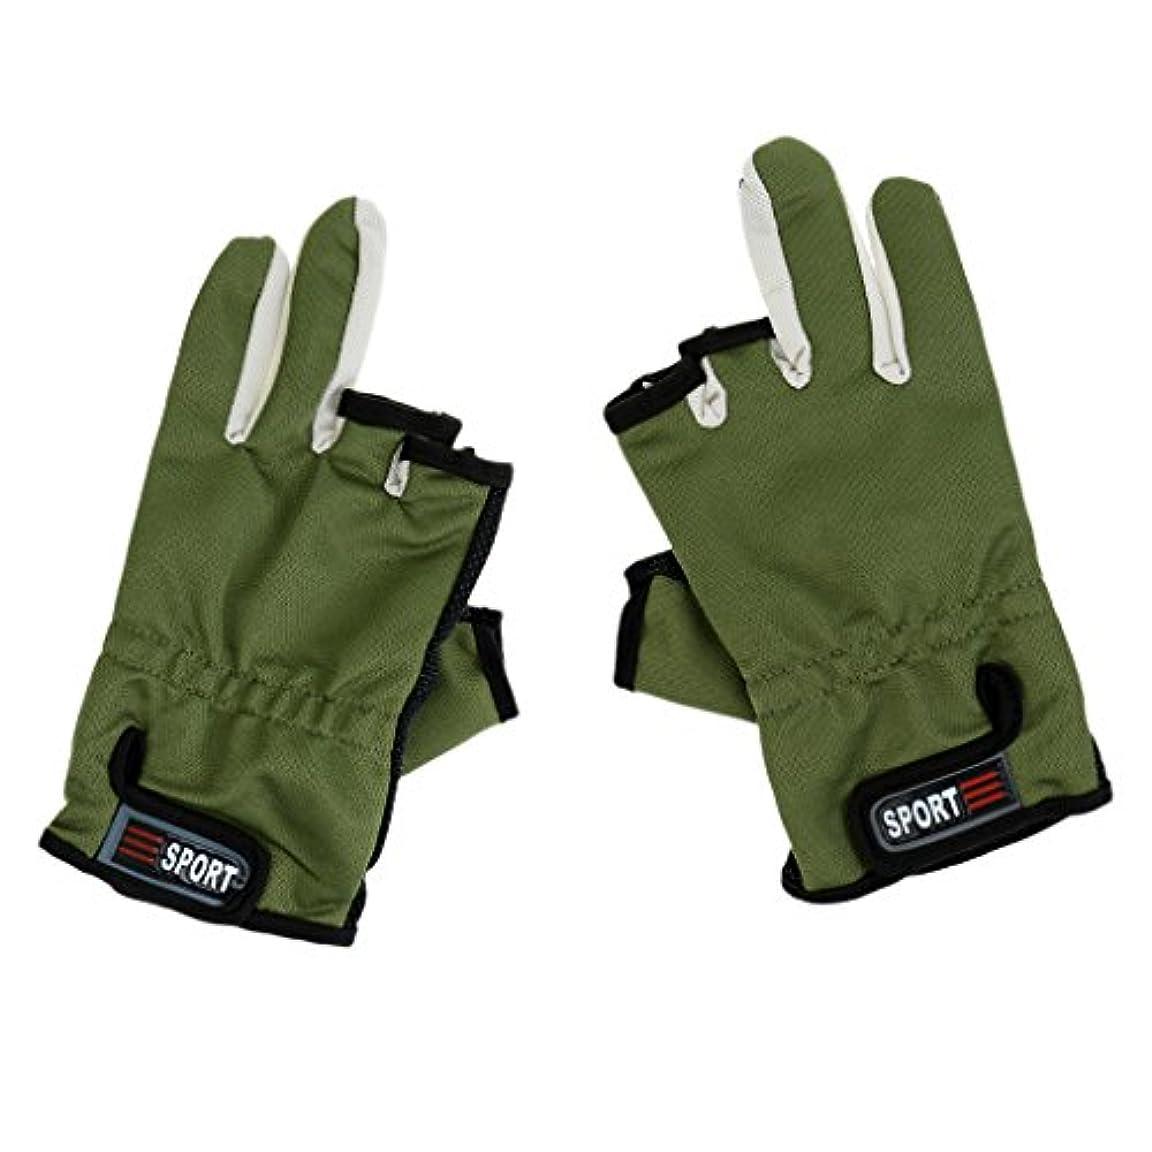 まともなスリルアトラスPerfk グローブ 手袋 釣り 滑り止め 通気性 3ローカット 調整可能 手守り 保護 フィンガー 全5色選ぶ